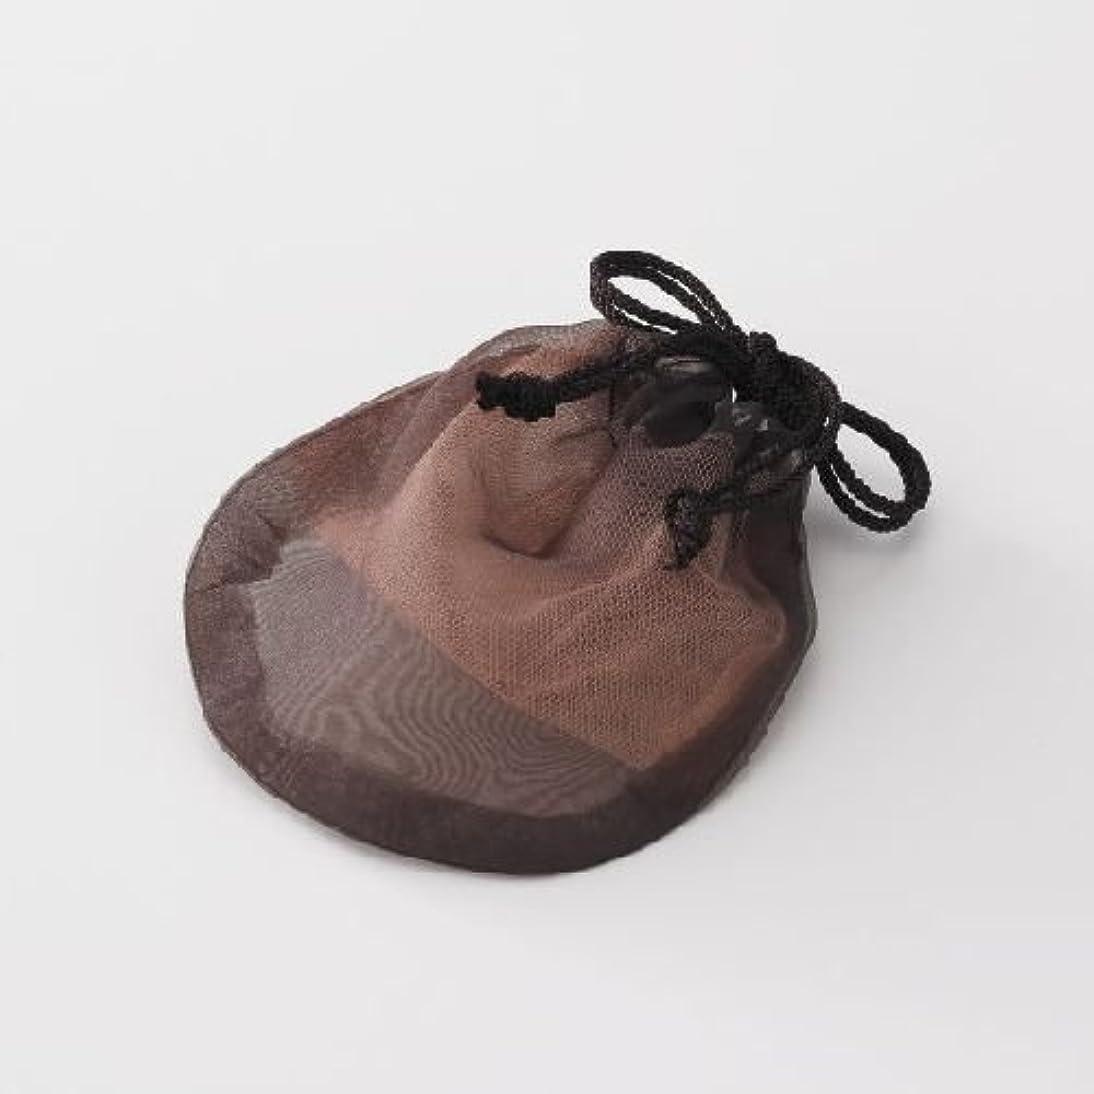 配送生む速度ピギーバックス ソープネット 瞬時にマシュマロのようなお肌に負担をかけないキメ細かな泡をつくることができるオシャレなポーチ型オリジナル【泡だてネット】!衛生的に固形石鹸の保存もできます。